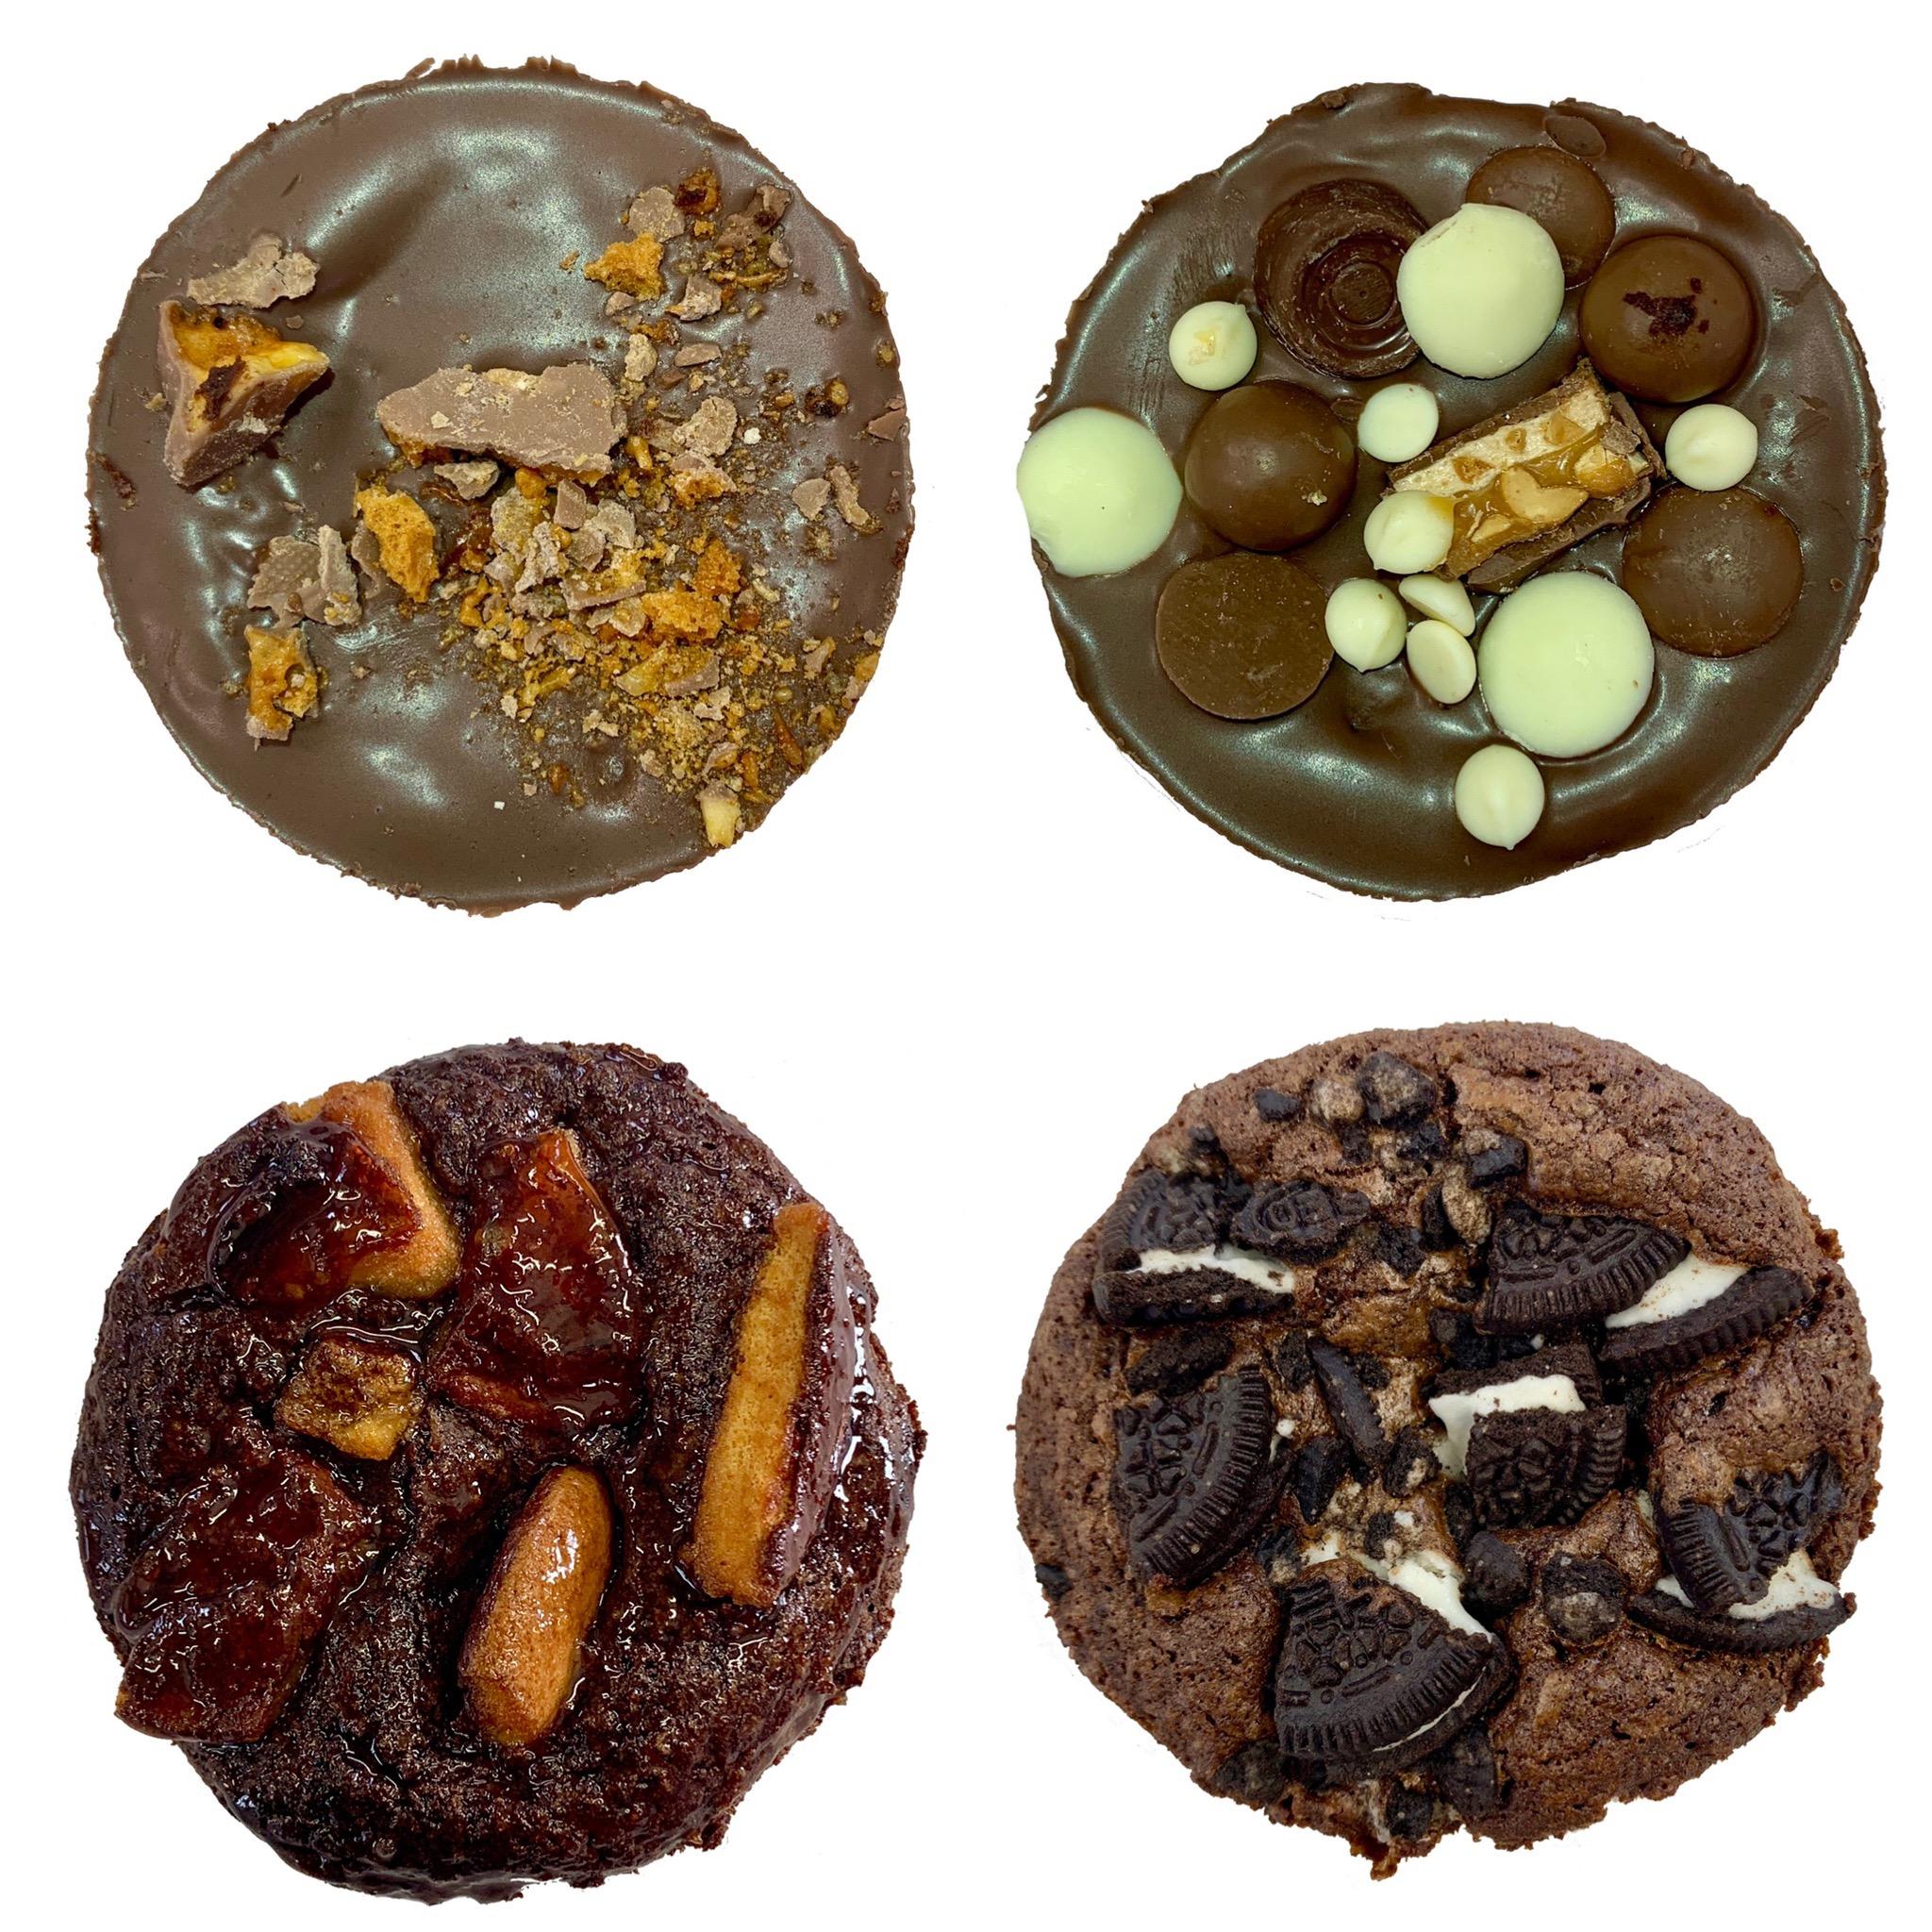 Brownie - Mixed box